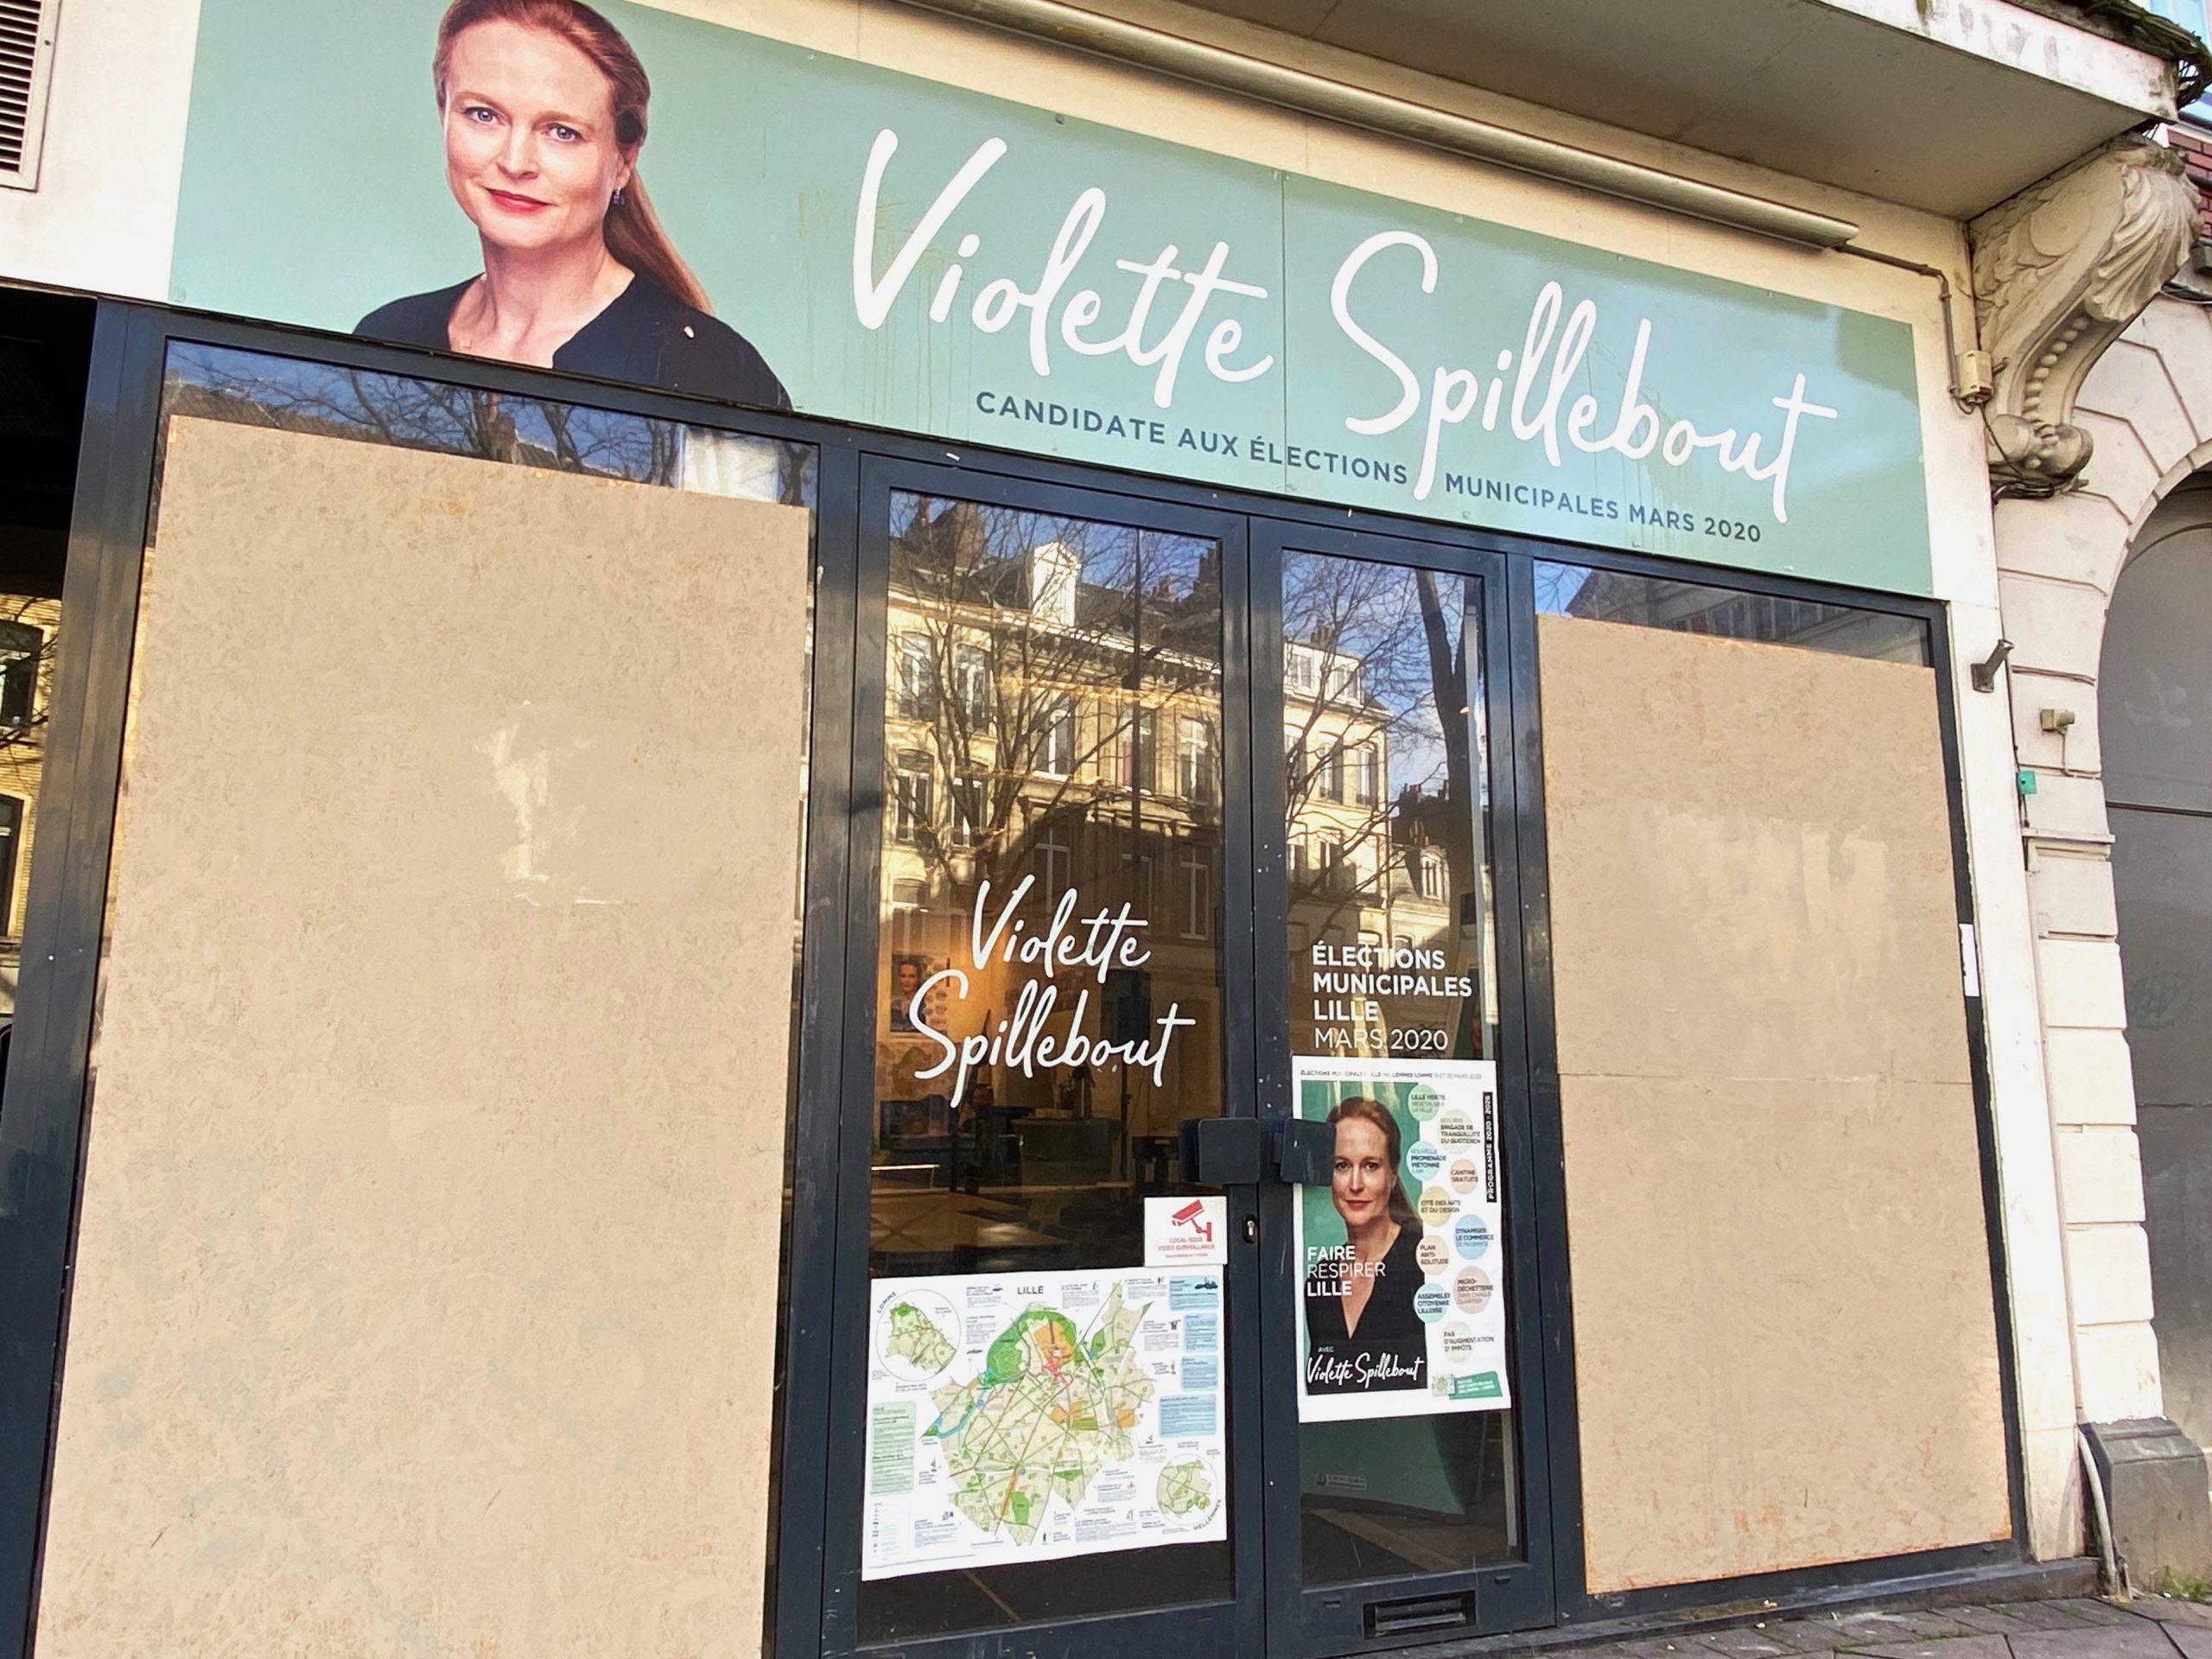 Le local de campagne de Violette Spillebout, candidate LREM à Lille